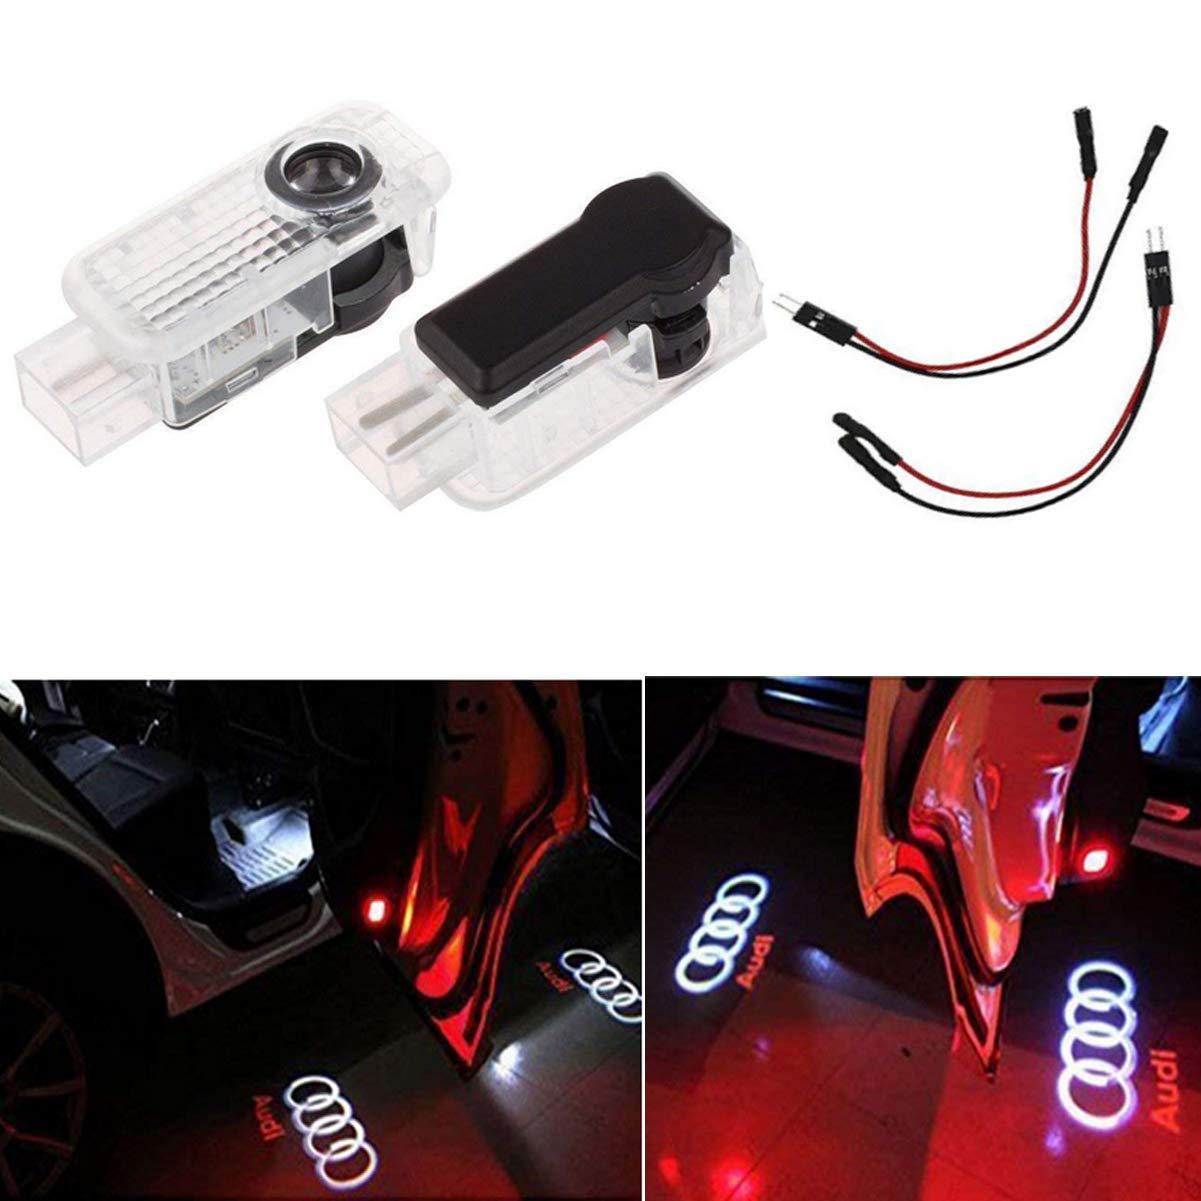 Liuer 2PCS Iluminació n de la entrada de la luz del coche LED 3D Luz de la lá mpara del logotipo del proyector de bienvenida Shadow Logo Projector Lights A1 A3 A4 A5 A6 A7 A8 Q3 Q5 Q8 TT